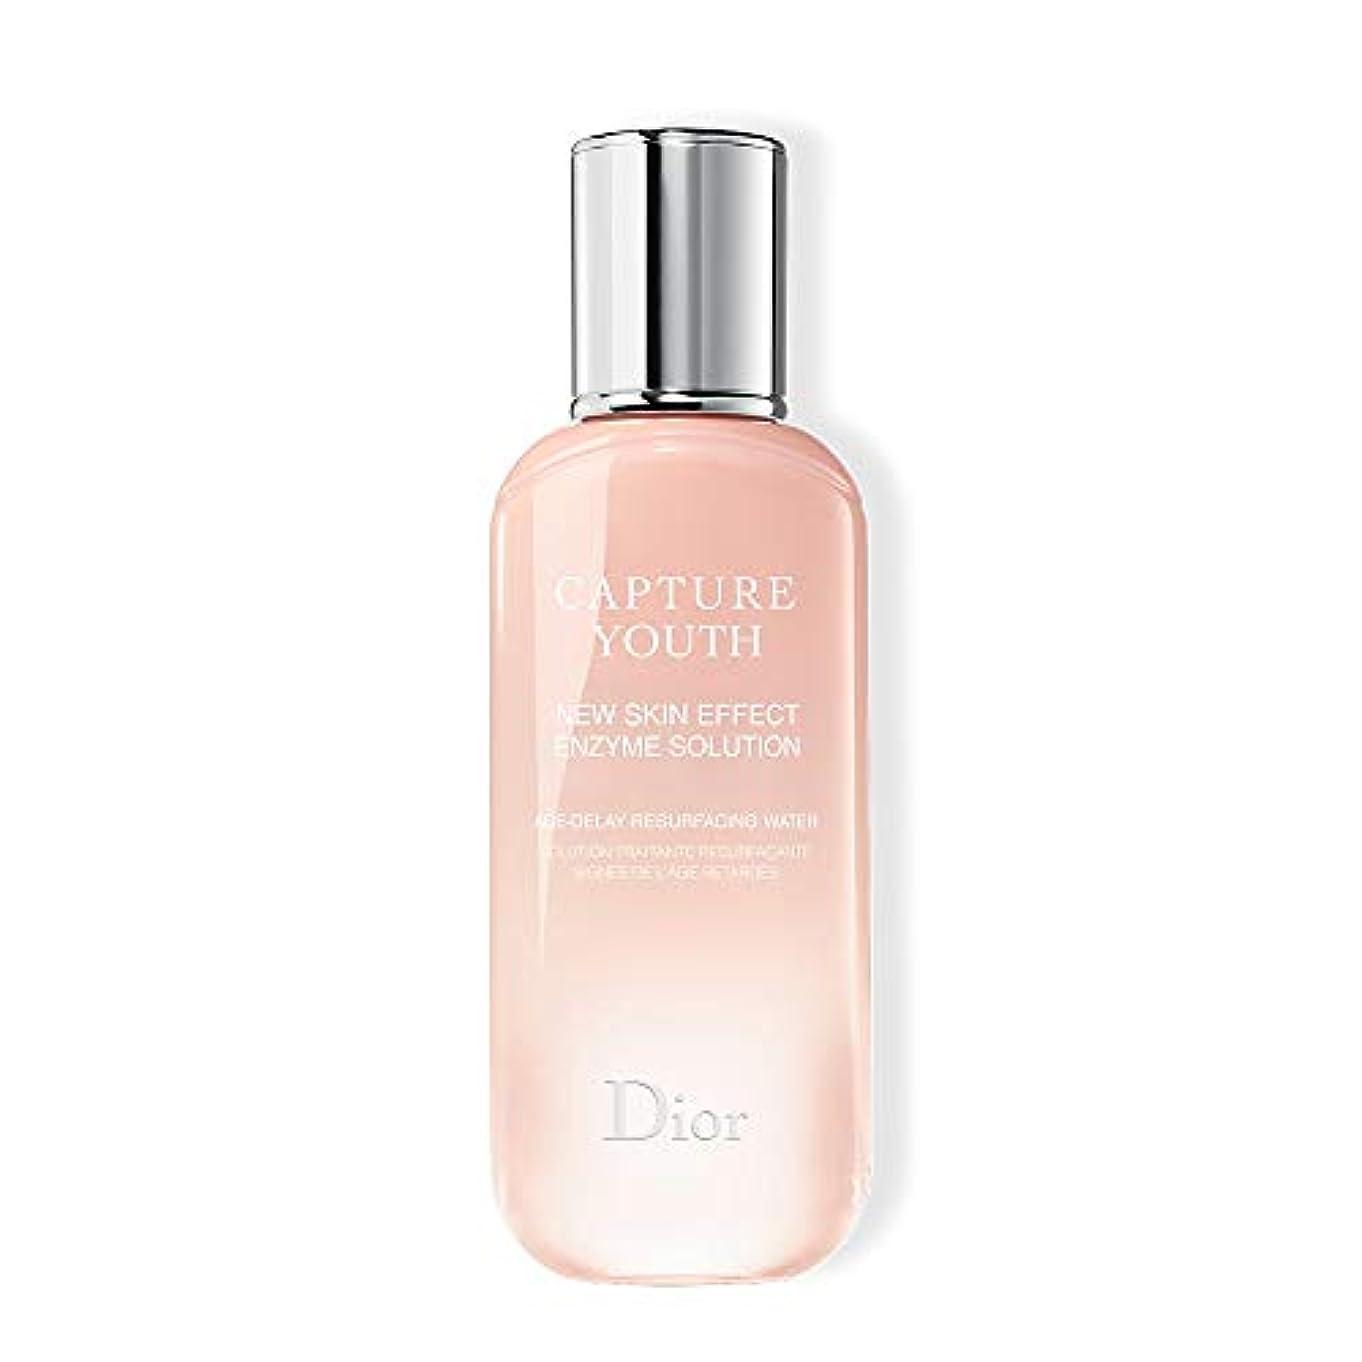 クリスチャン?ディオール/Dior カプチュール ユース エンザイム ソリューション 150ml [ 化粧水 ] [並行輸入品]